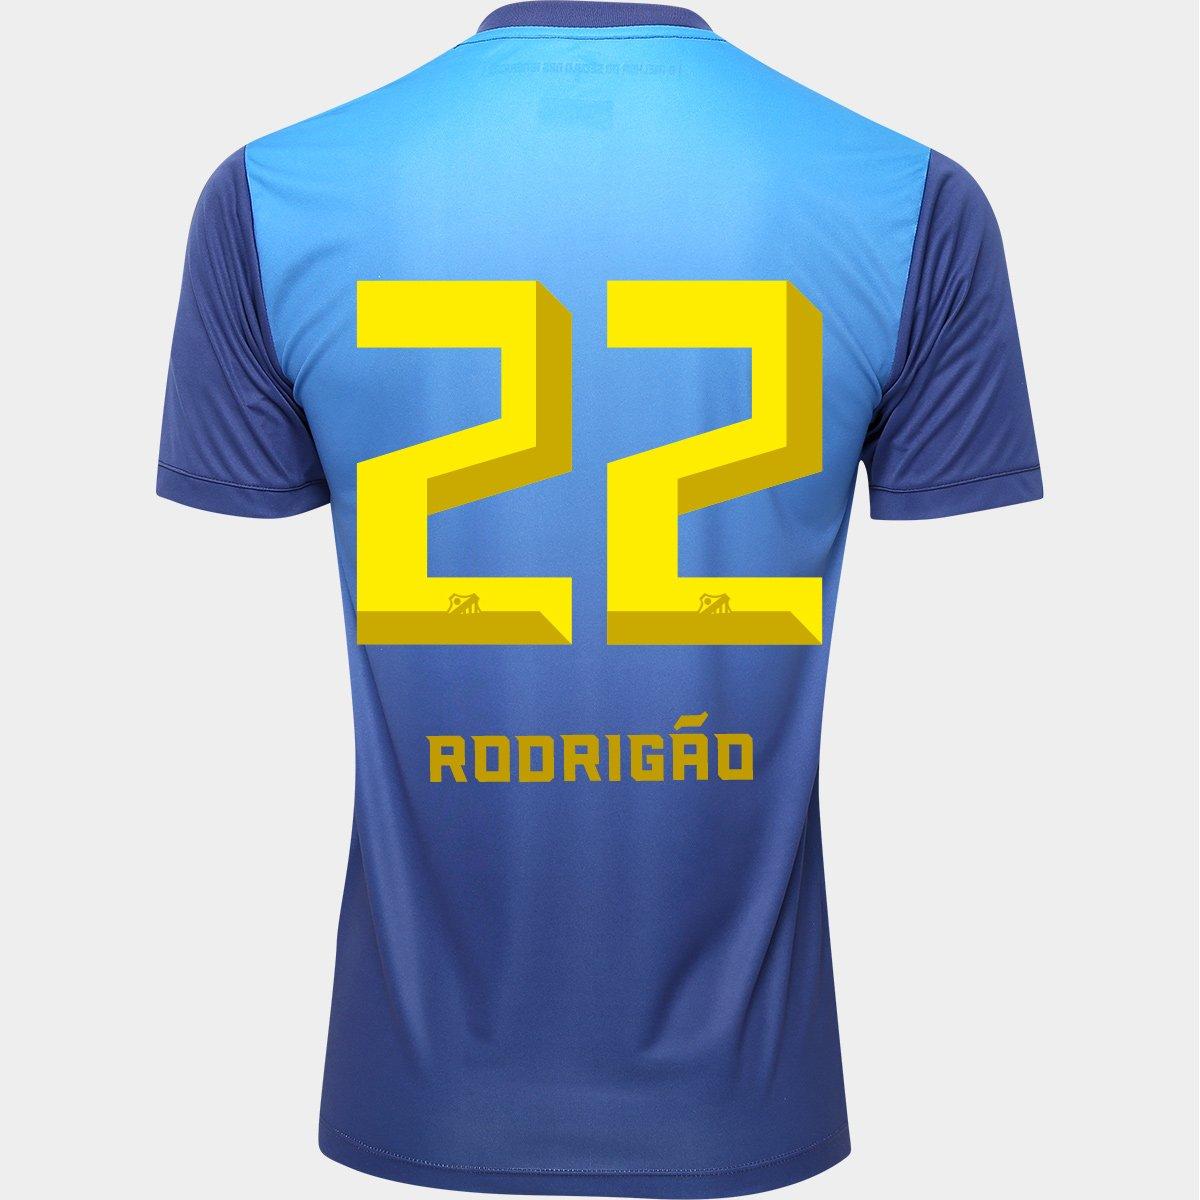 49ed3ac95b Camisa Kappa Santos III 2016 nº 22 - Rodrigão - Compre Agora